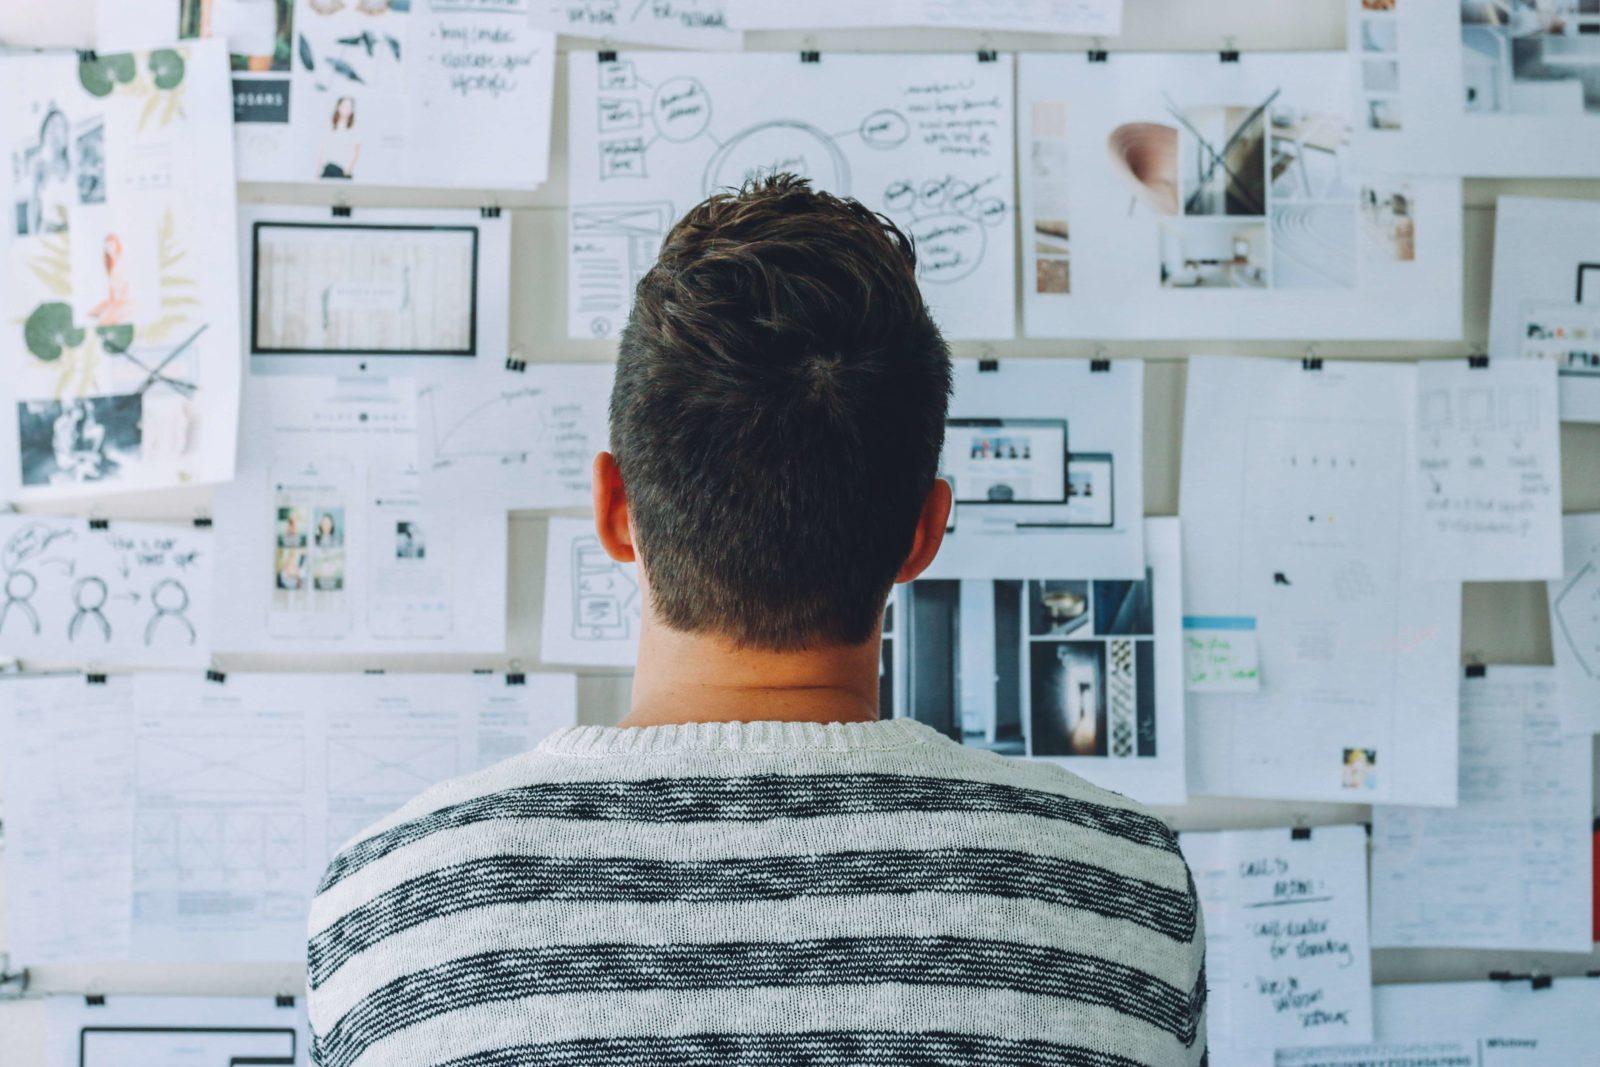 Ein Mann welcher vor einer Wand mit angehefteten Notizen steht und diese liest.